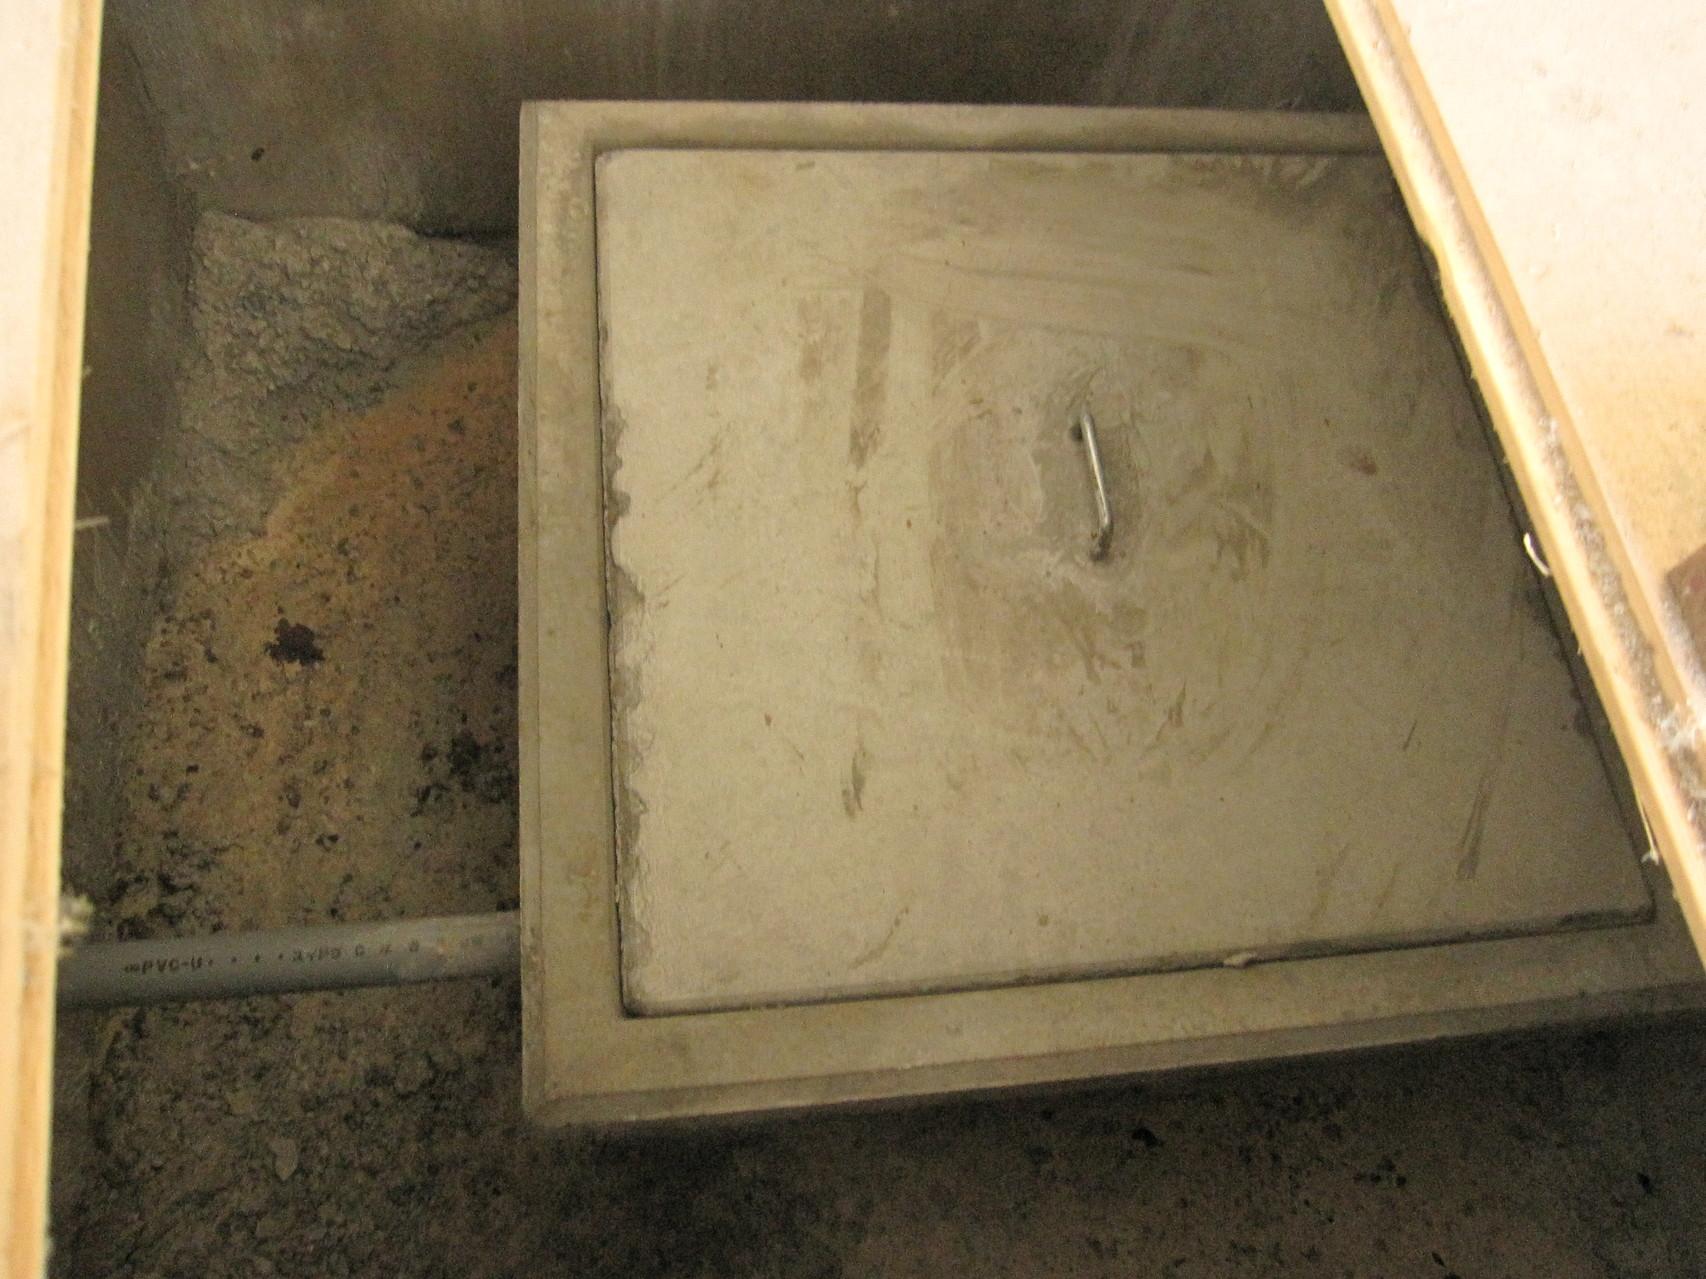 井戸(震災後の安全のため、フタをしている)